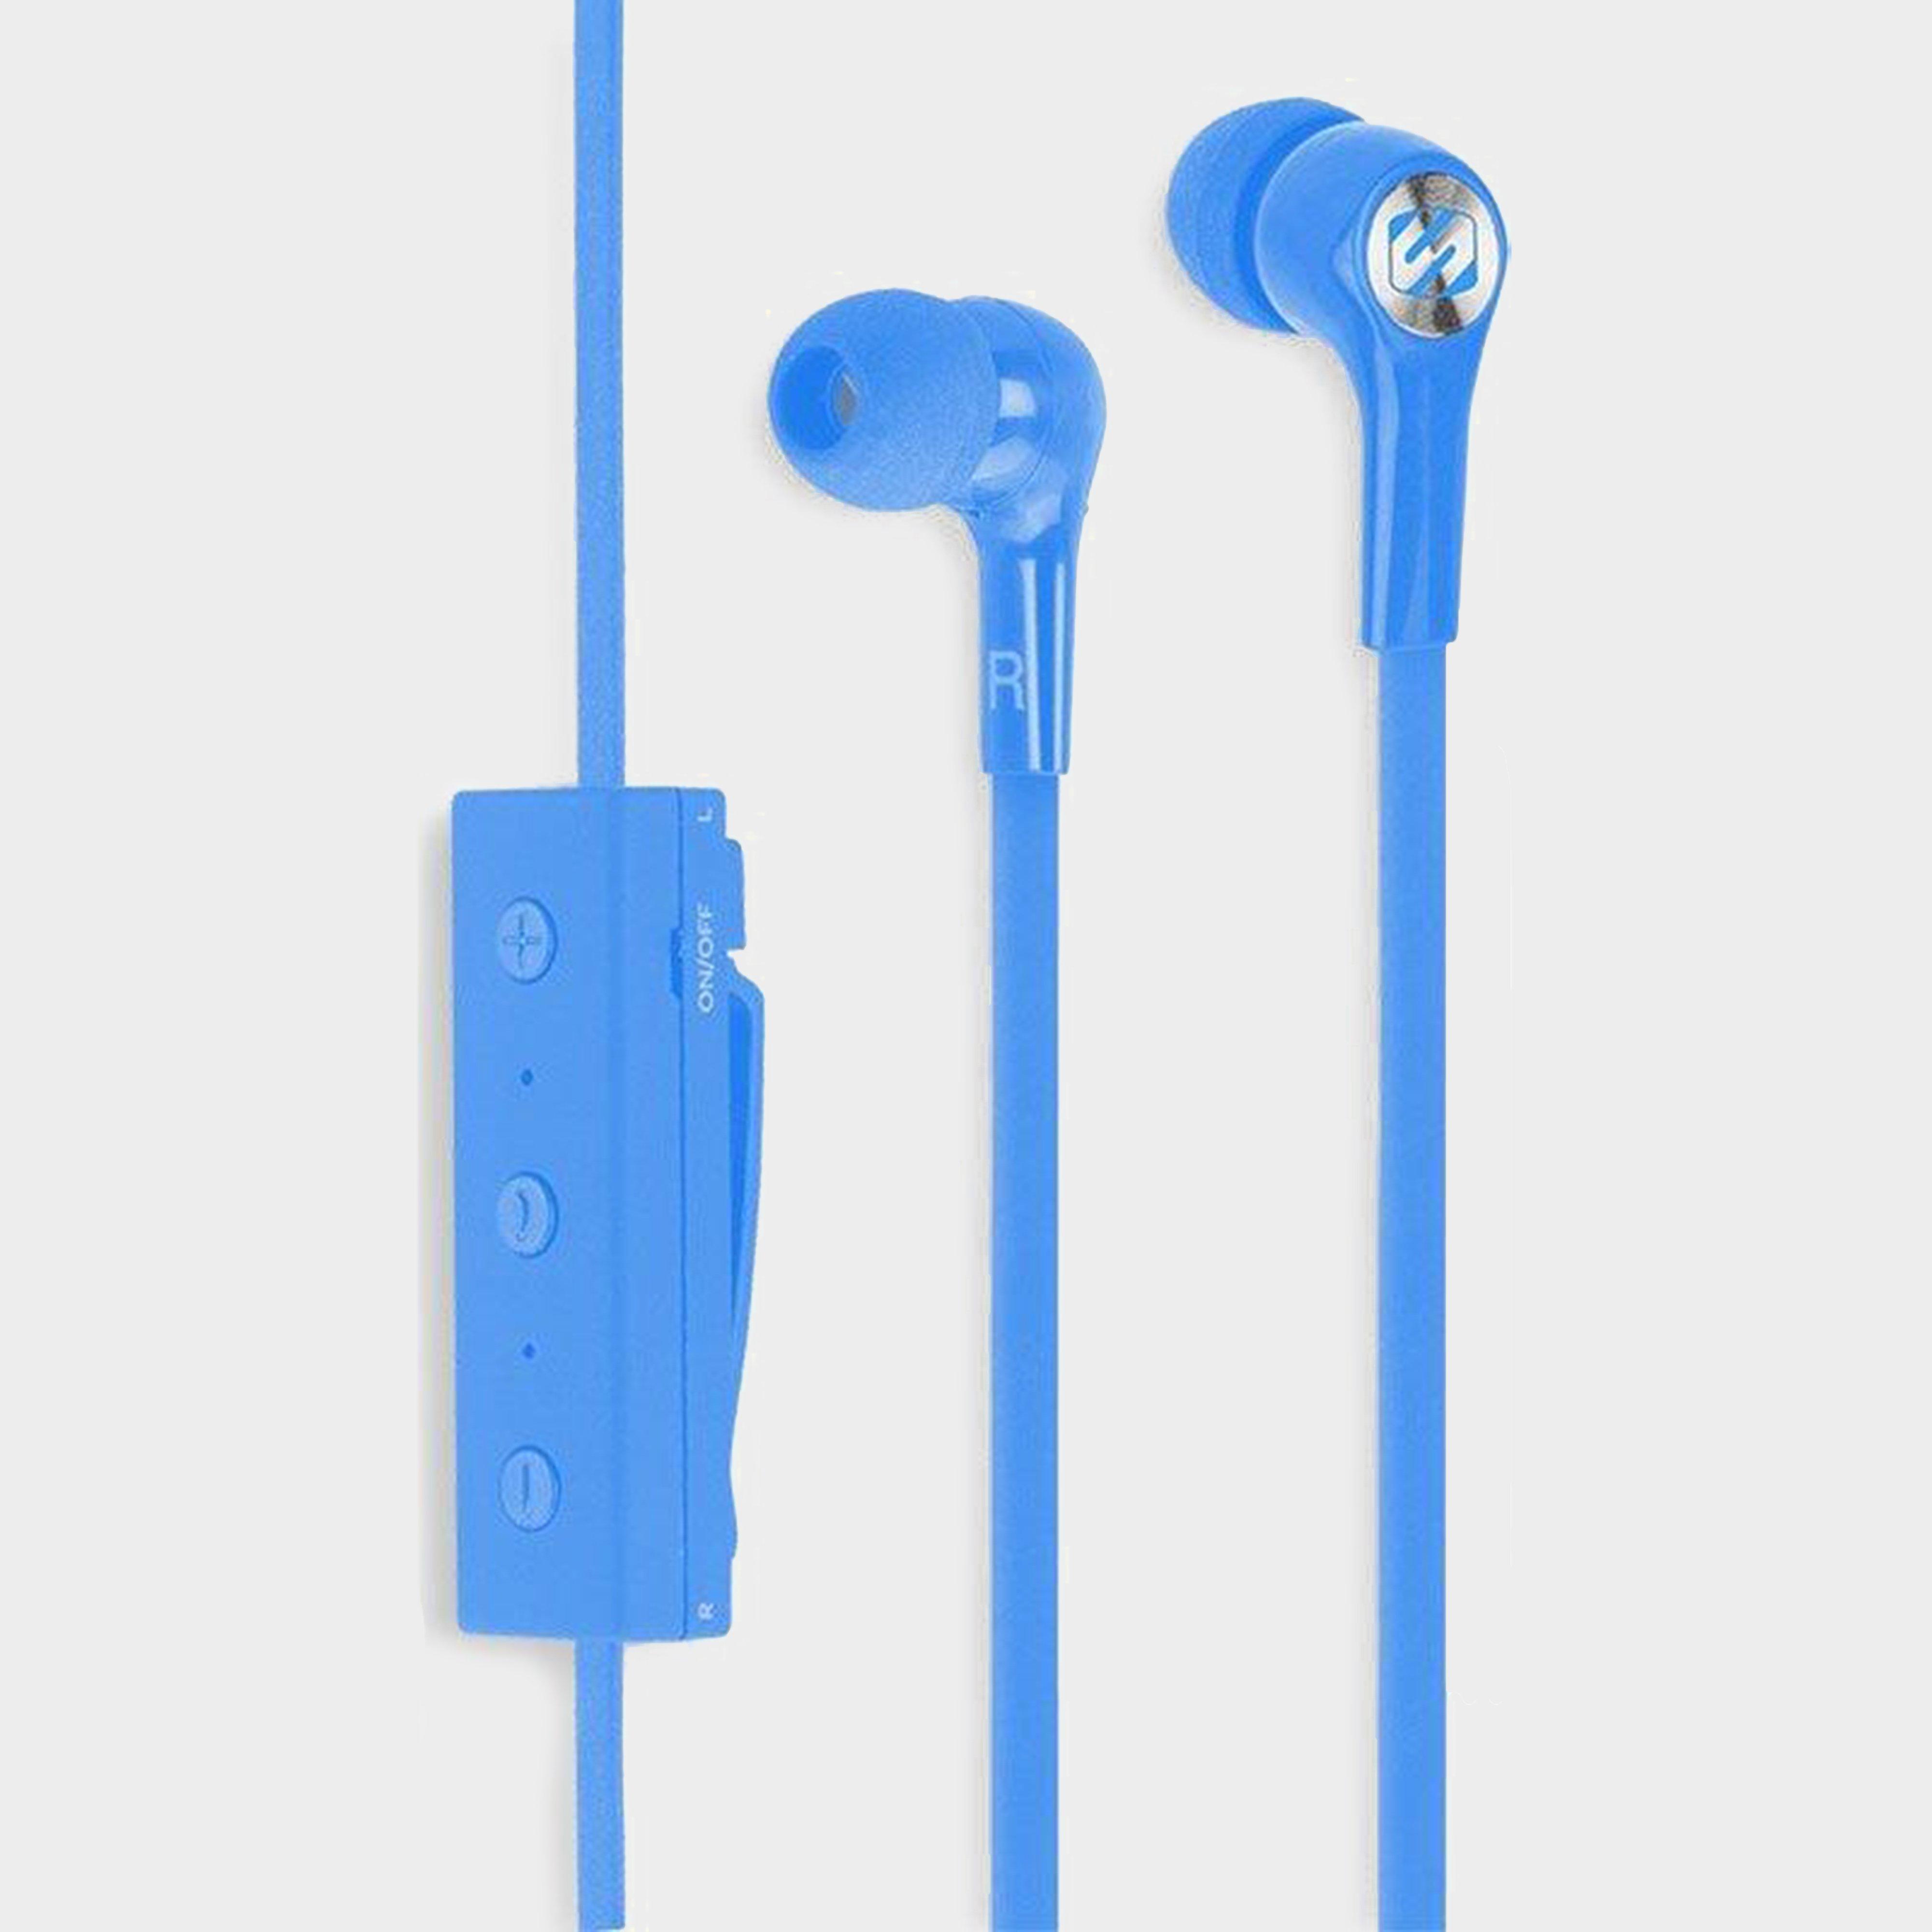 Scosche Scosche BT100 Wireless Earbuds with Mic + Controls